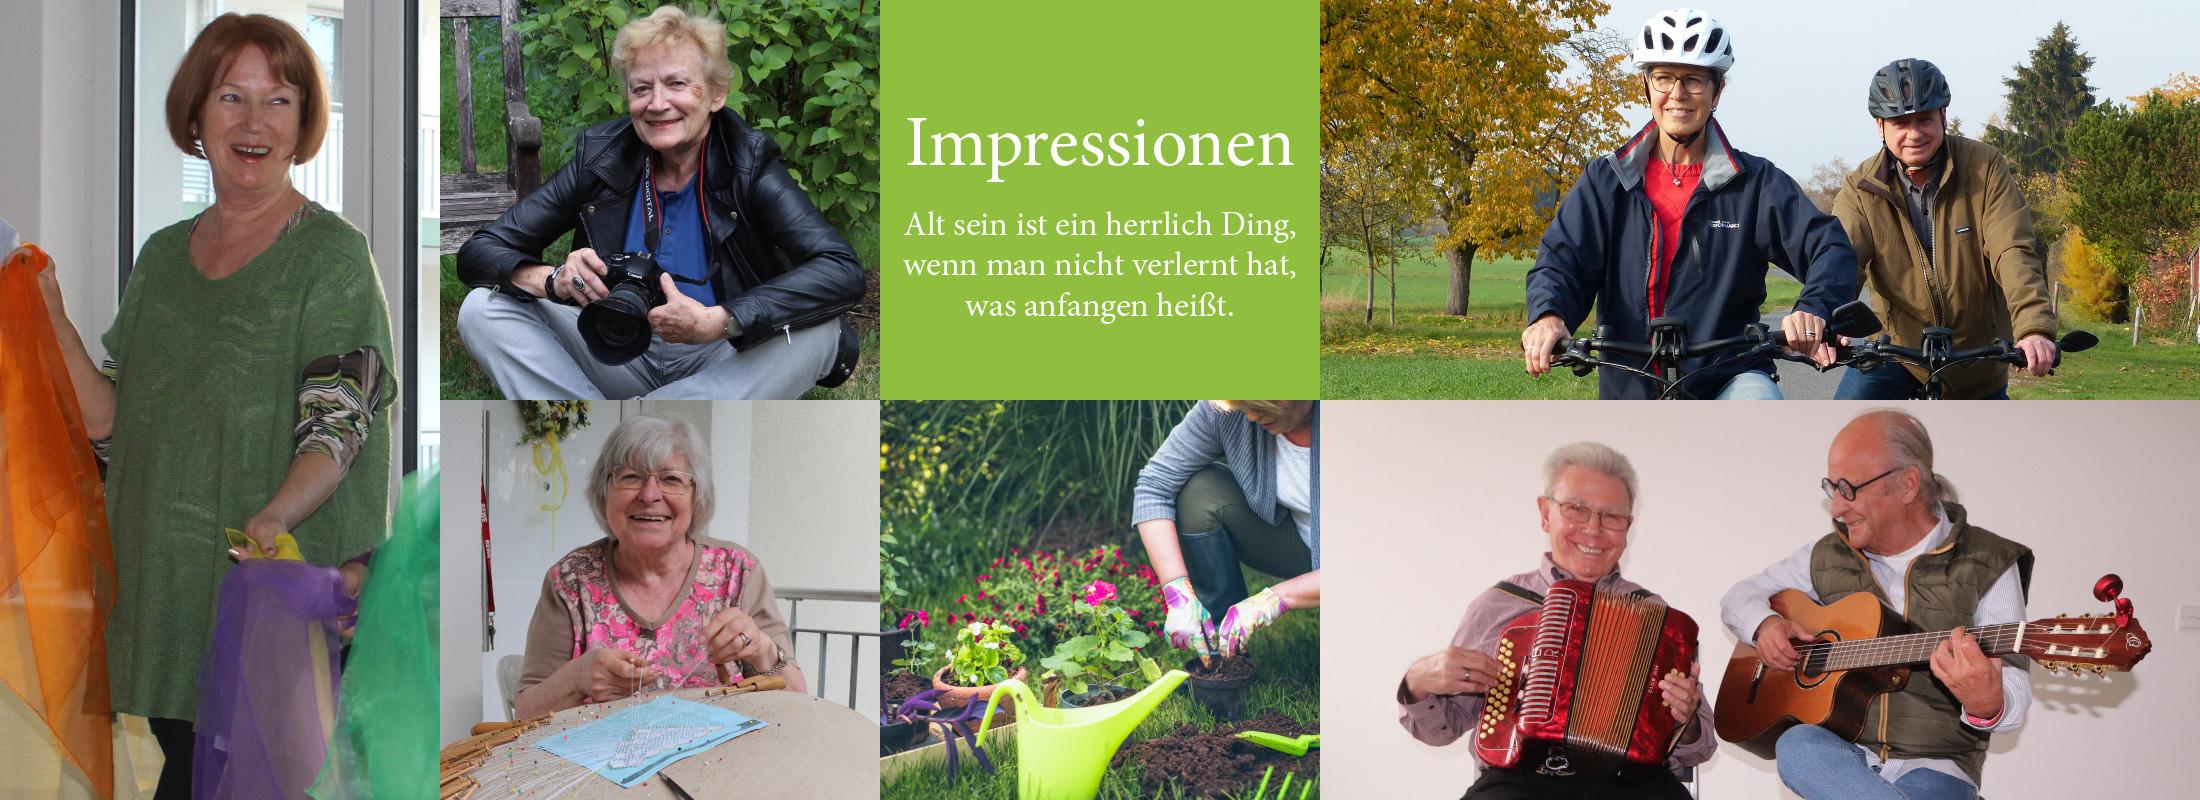 Impressionen – Alt sein ist ein herrlich Ding, wenn man nicht verlernt hat, was anfangen heißt.